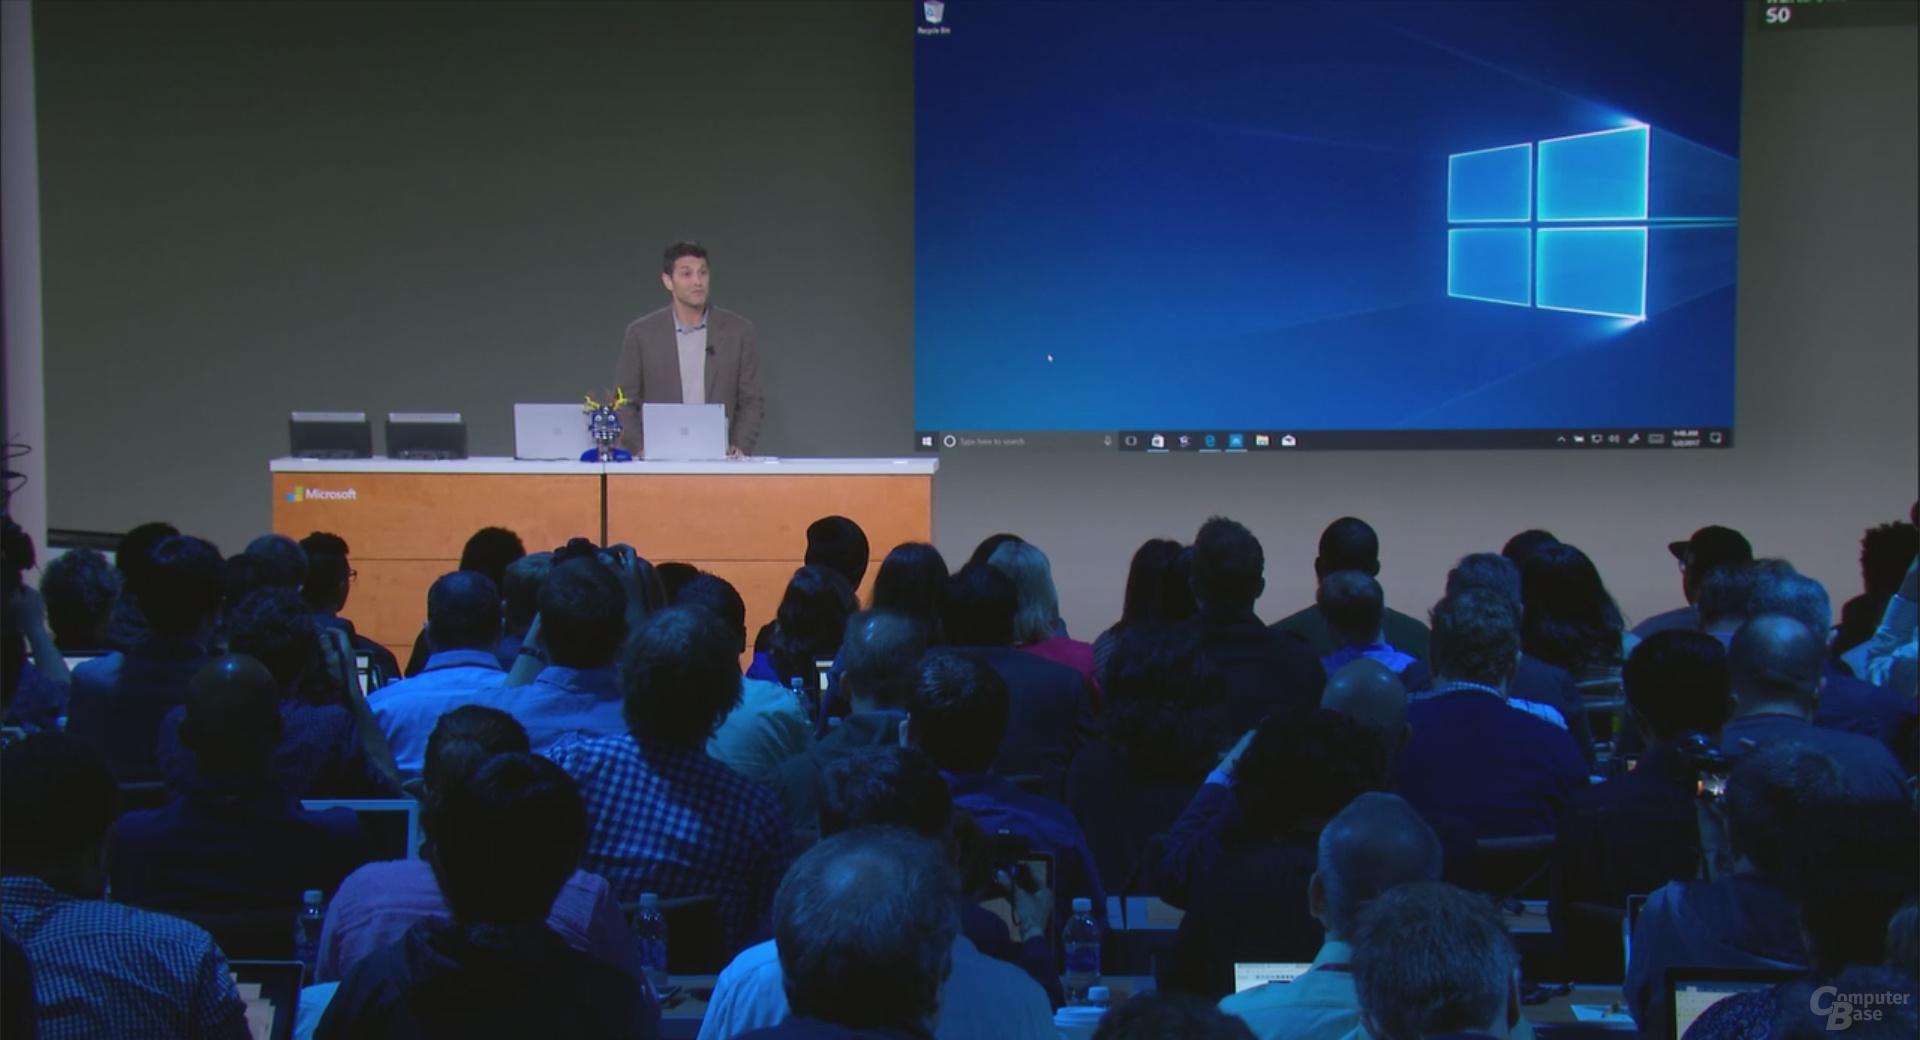 Neues Hintergrundbild für Windows 10 S